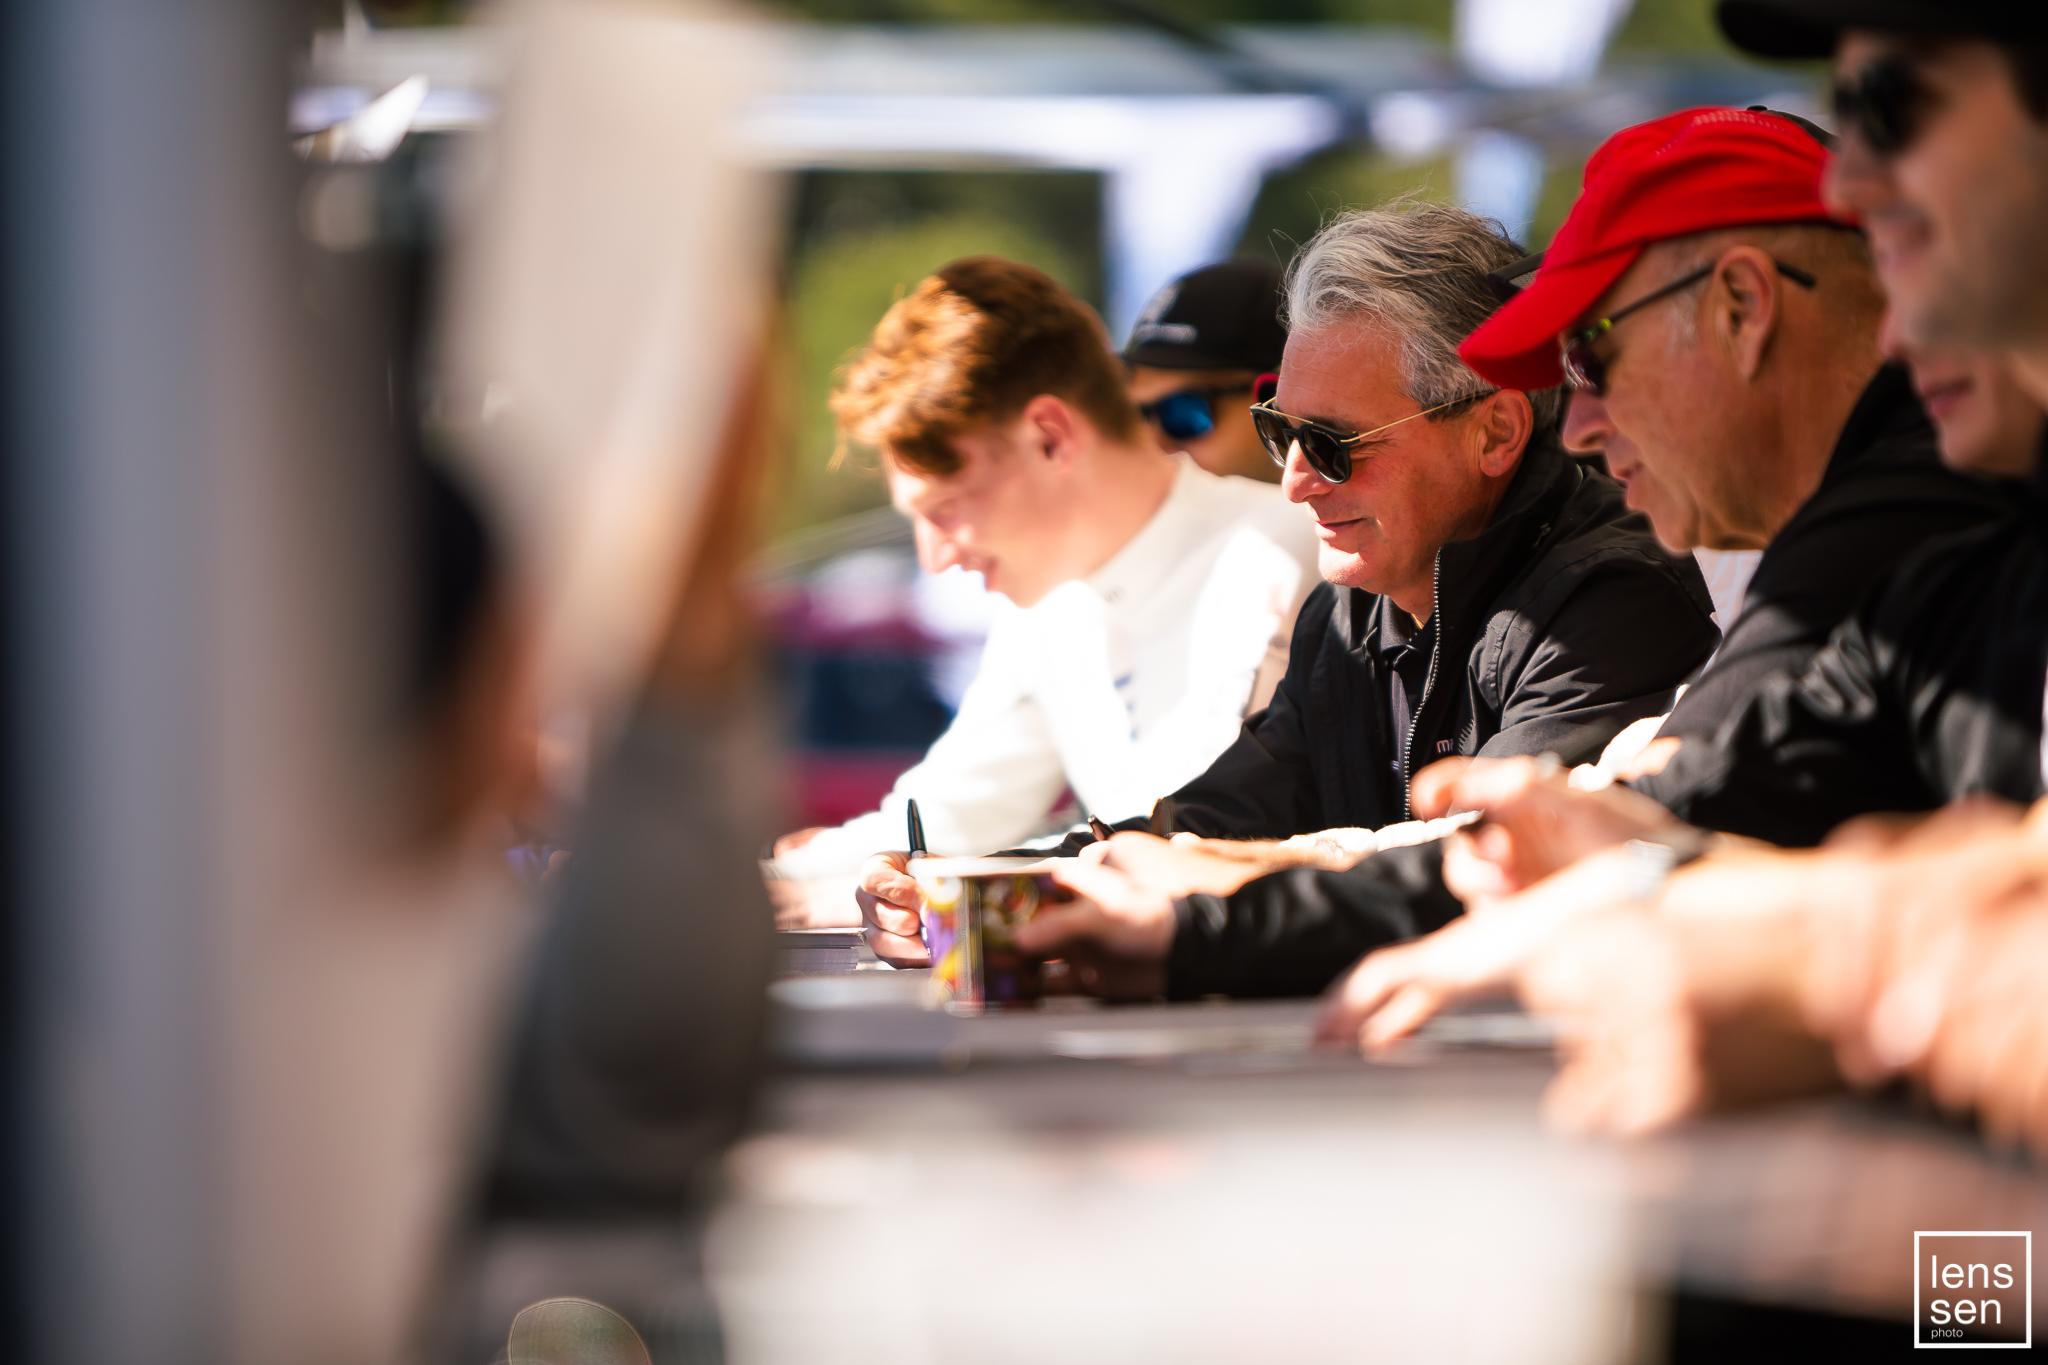 Porsche GT3 Cup Challenge Canada - 052019 - CTMP Mosport VDS 2019 - Lenssen Photo - 111 -8051.jpg